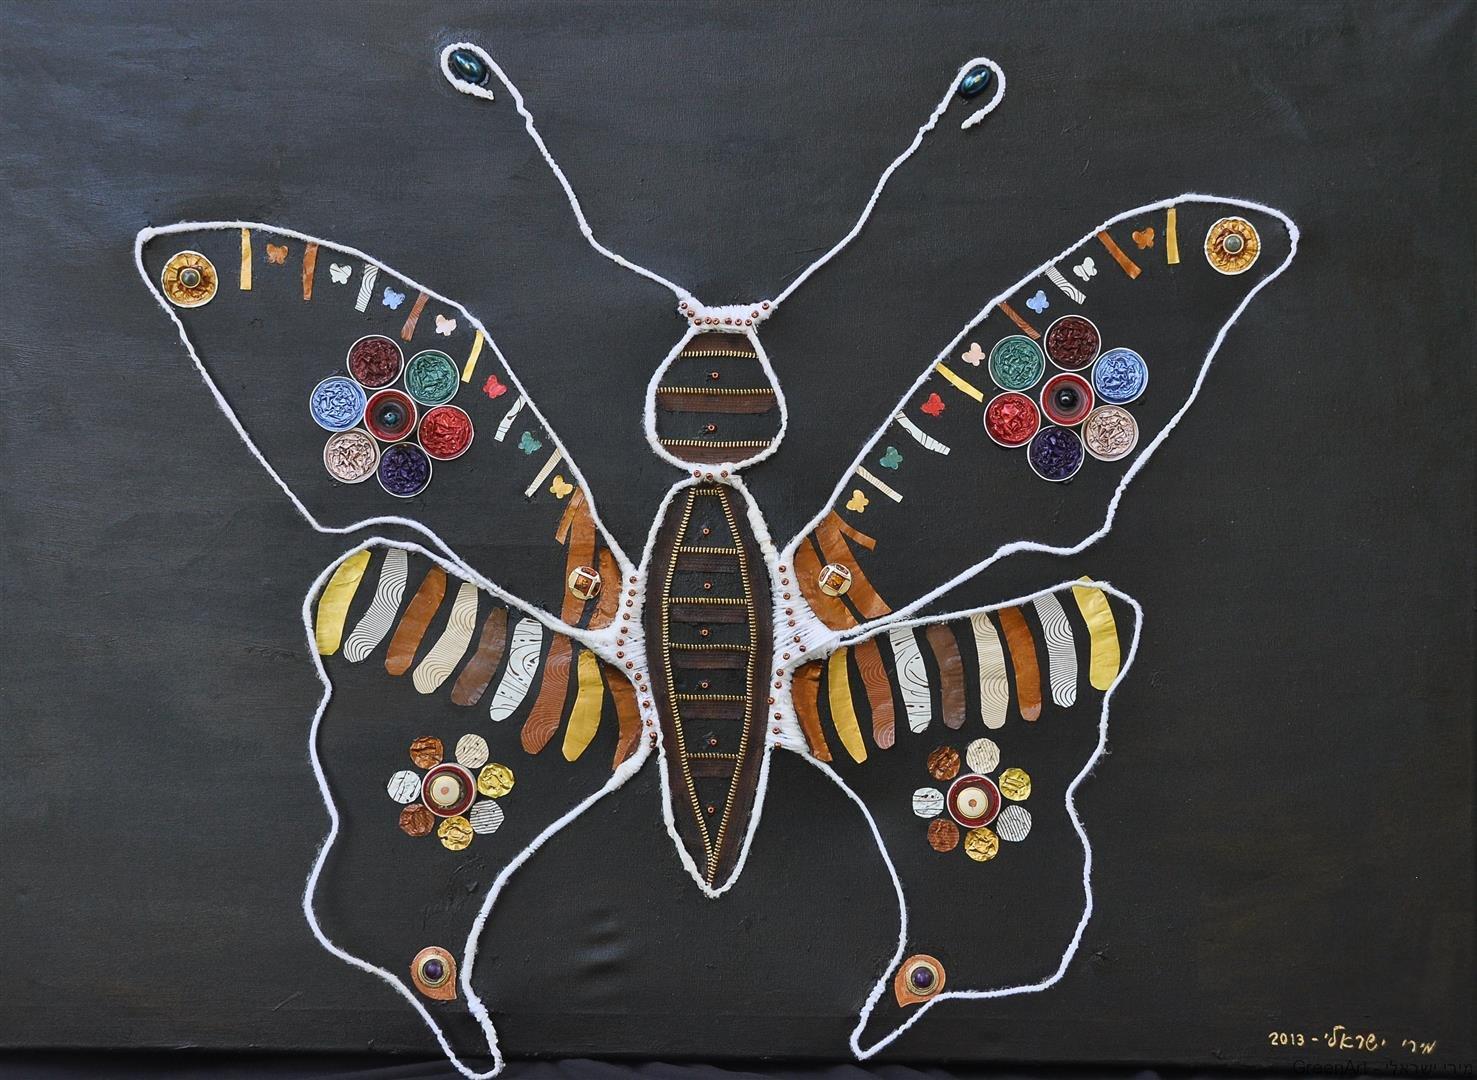 פקקי אלומינום וקפסולות קפה ליצירת אסמבלאג' הפרפר הנעלם